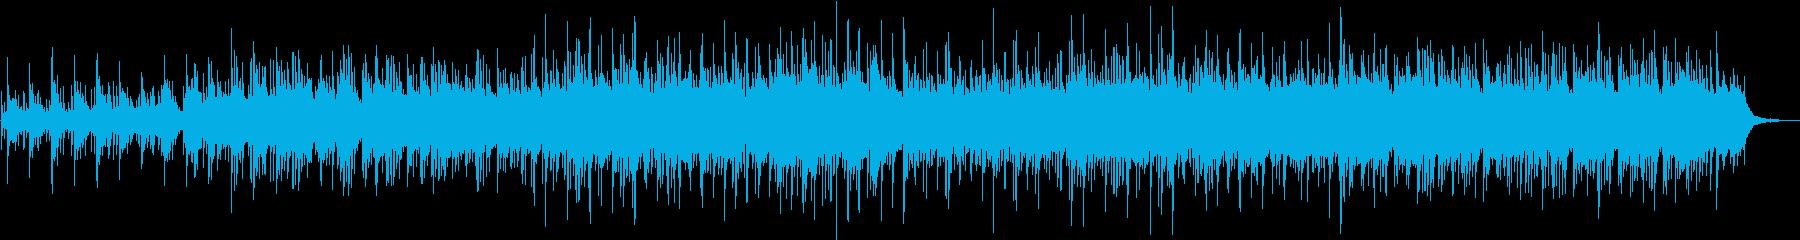 069_ 切なくて泣けてくるピアノ曲の再生済みの波形